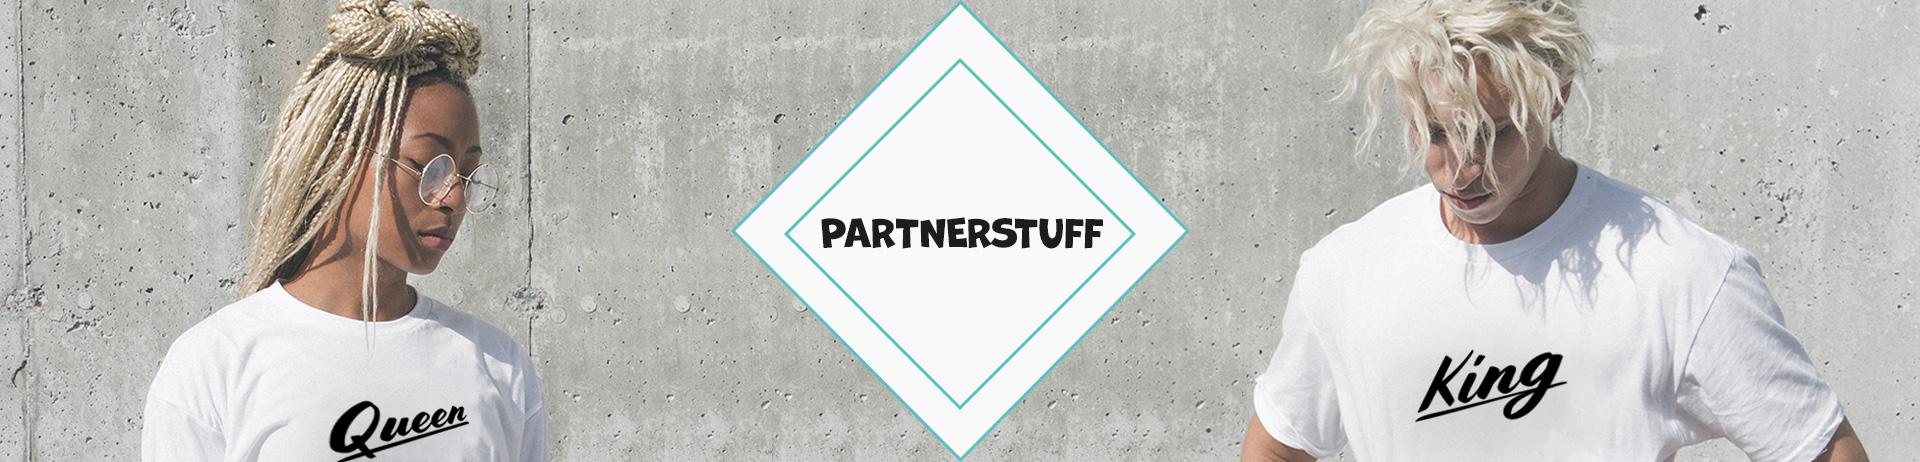 Pärchen Shirt - Partnerstuff Shirts | Funshirt38